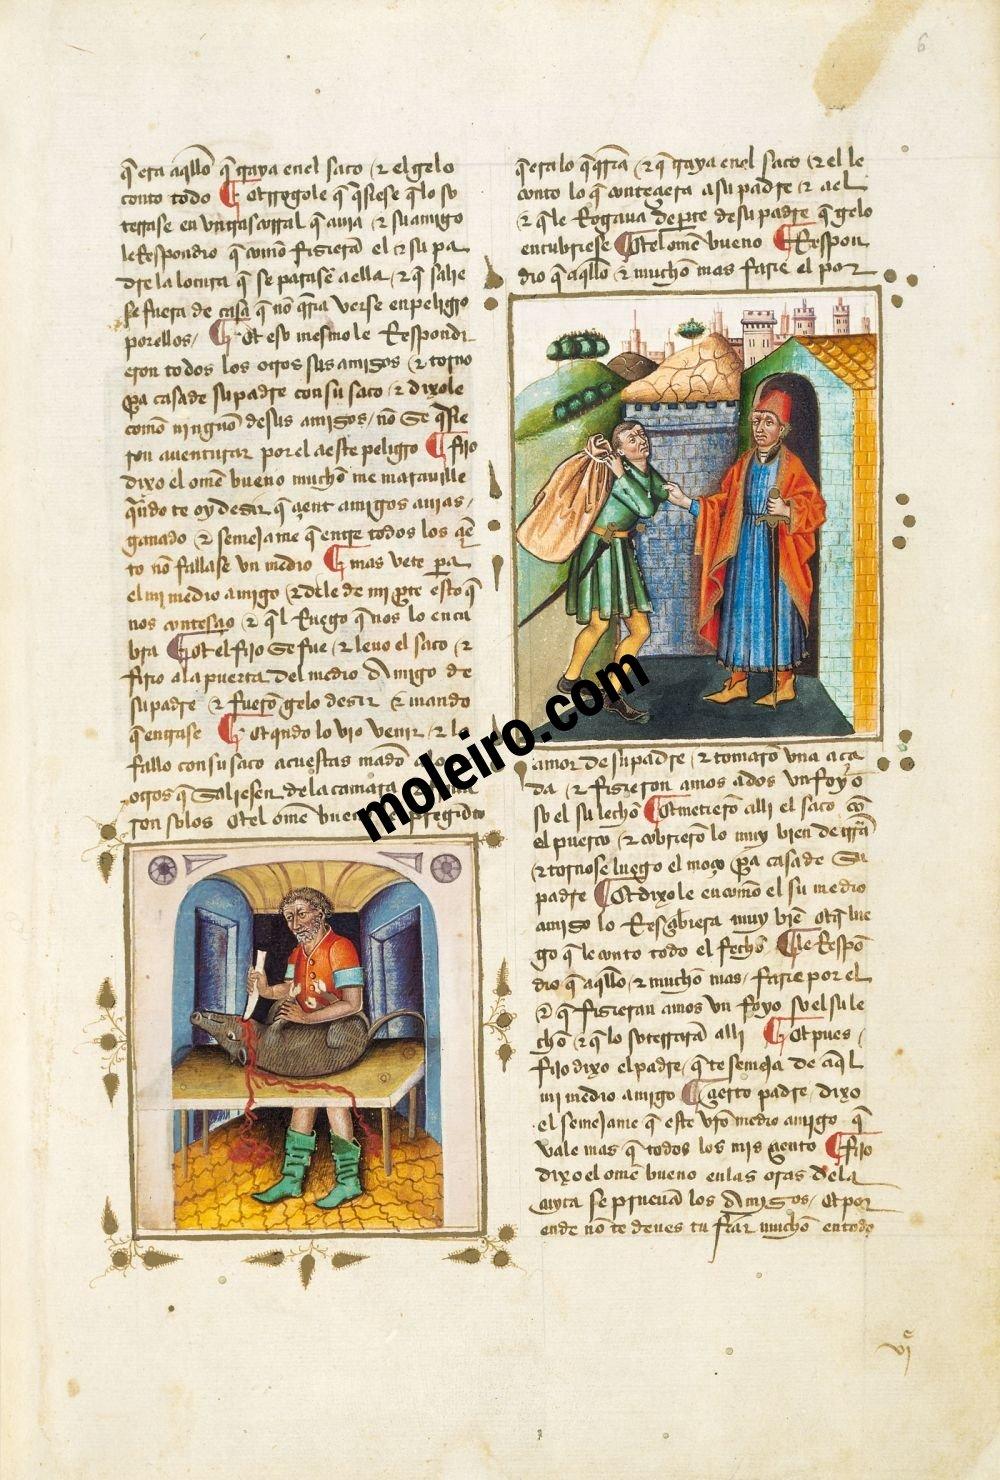 Libro del Cavaliere Zifar f. 6r